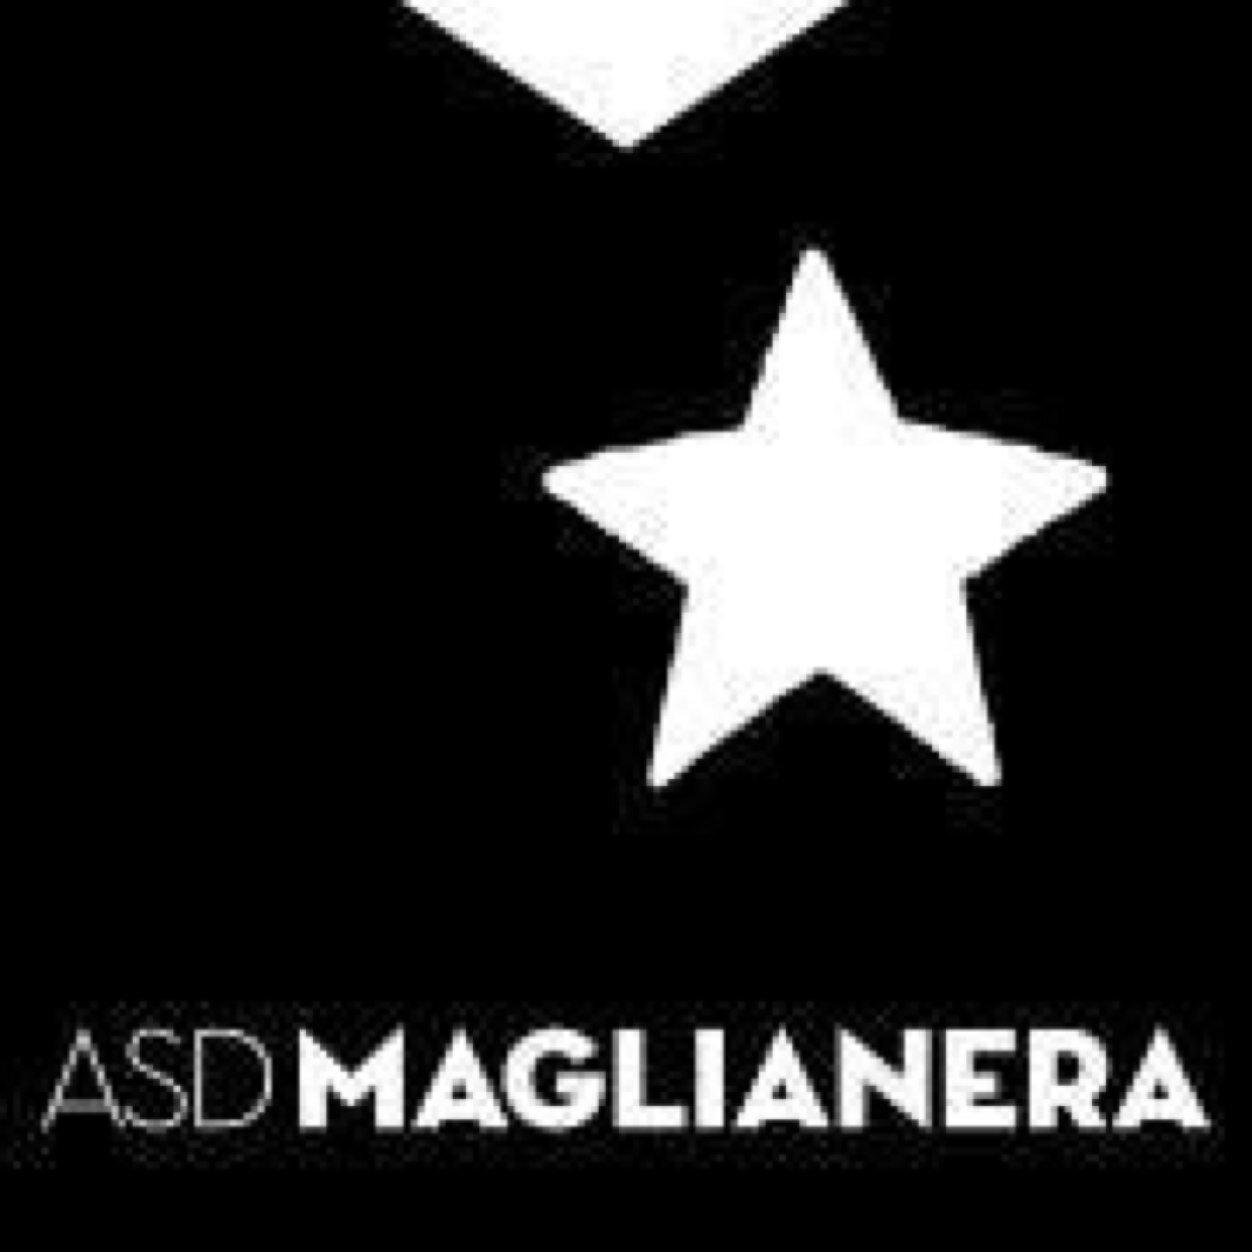 Twitterweekend Di Maglia Nera Gara Per Ragazzi On Asd I j3L4A5R